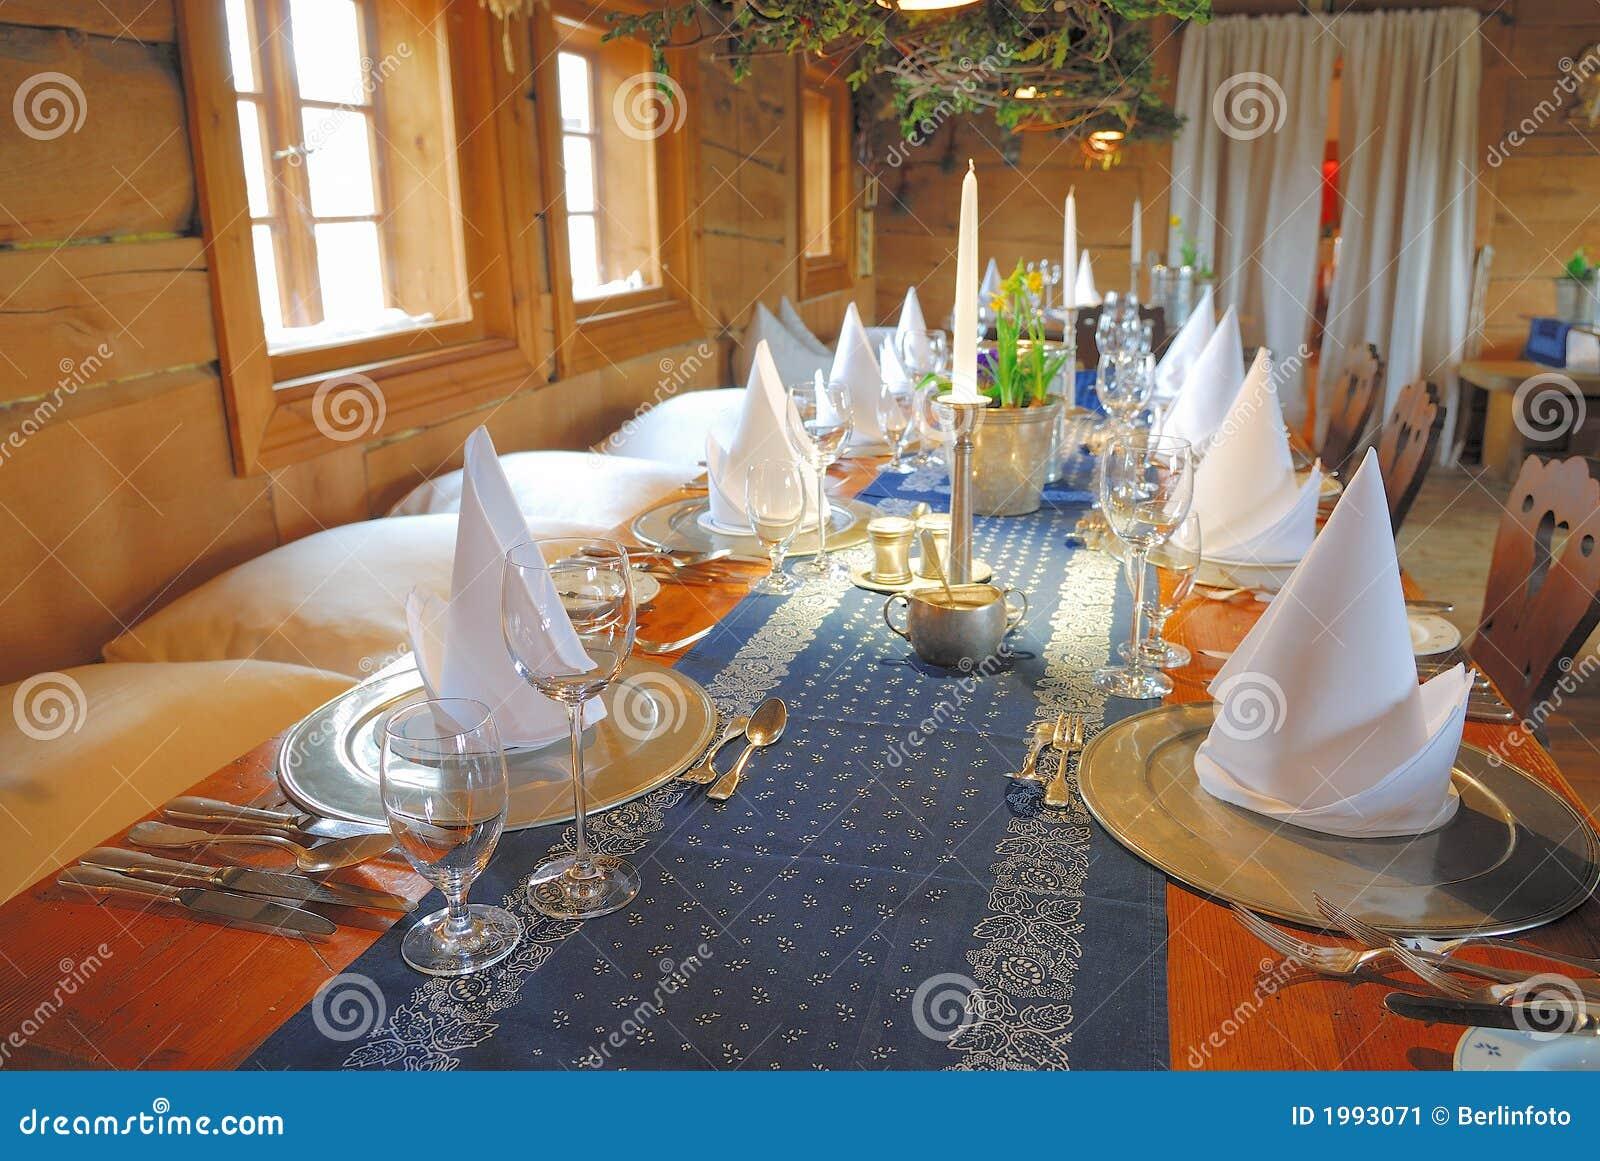 De vastgestelde decoratie van de eettafel stock afbeelding afbeelding 1993071 - Afbeelding van decoratie ...